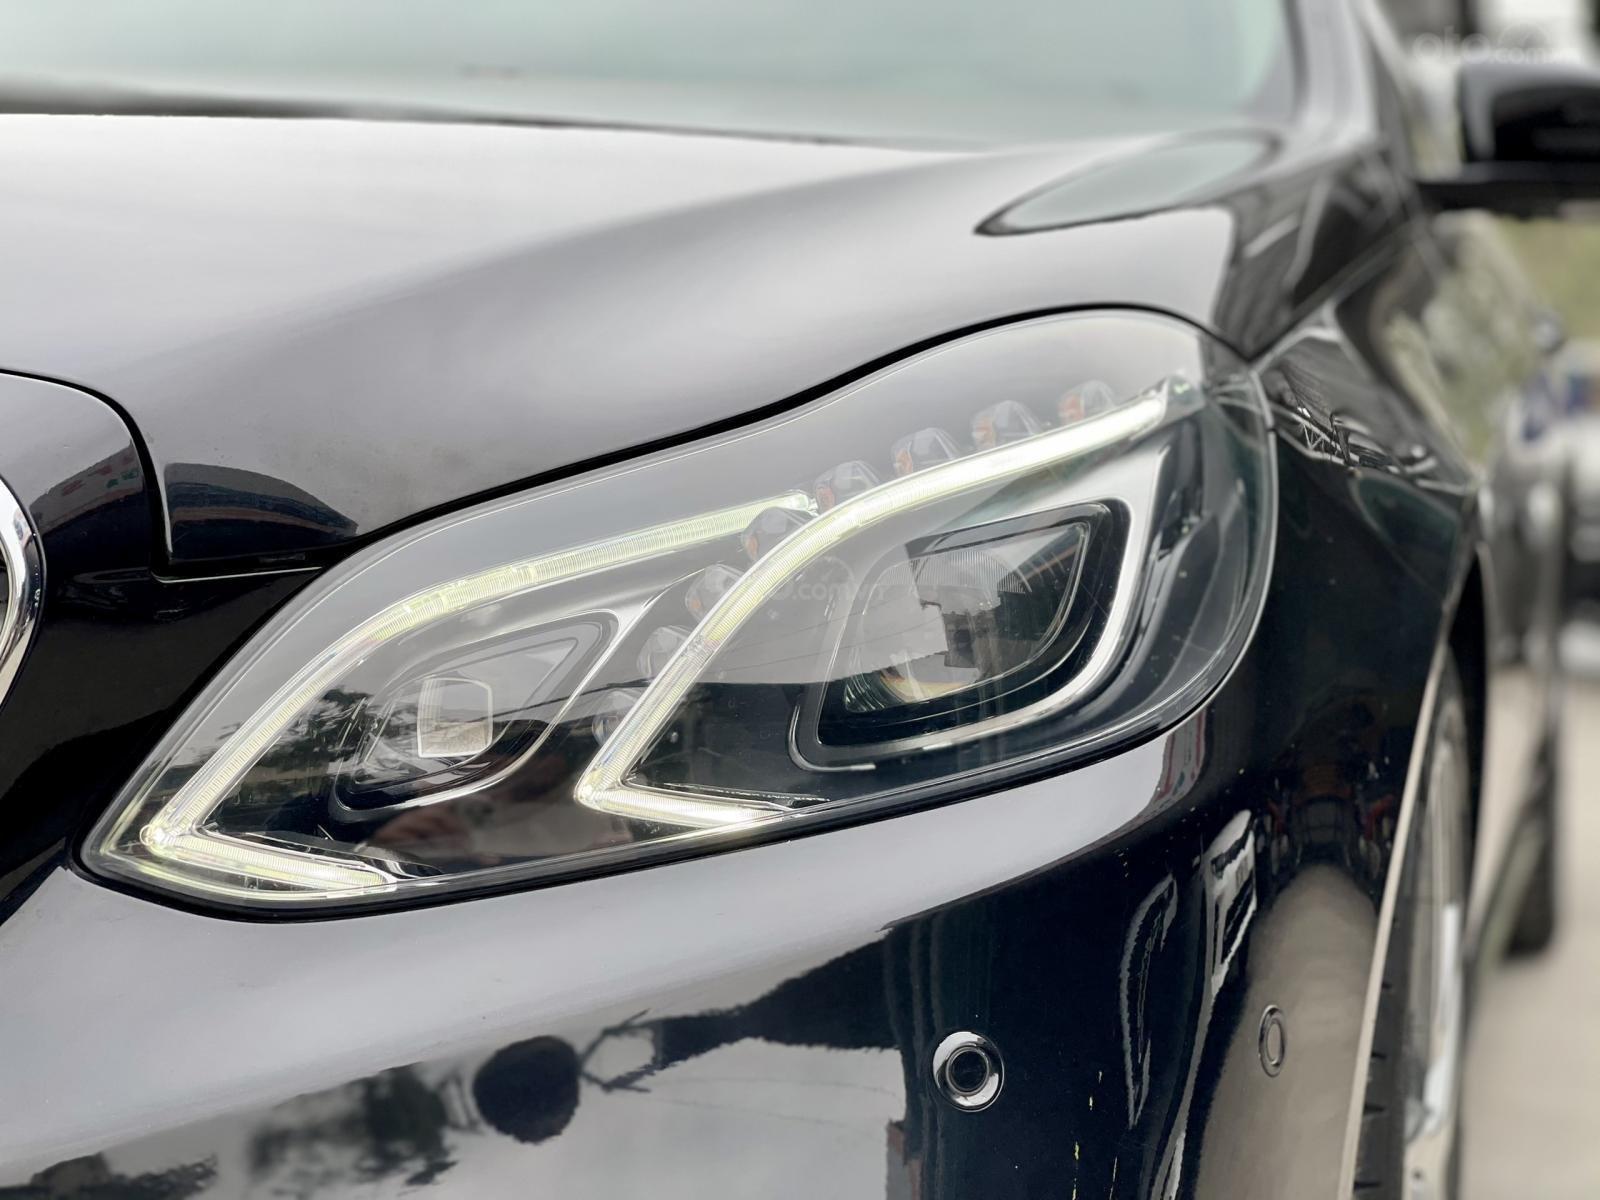 Siêu phẩm Mercedes E250 AMG đi giữ gìn 1 chủ từ đầu (2)